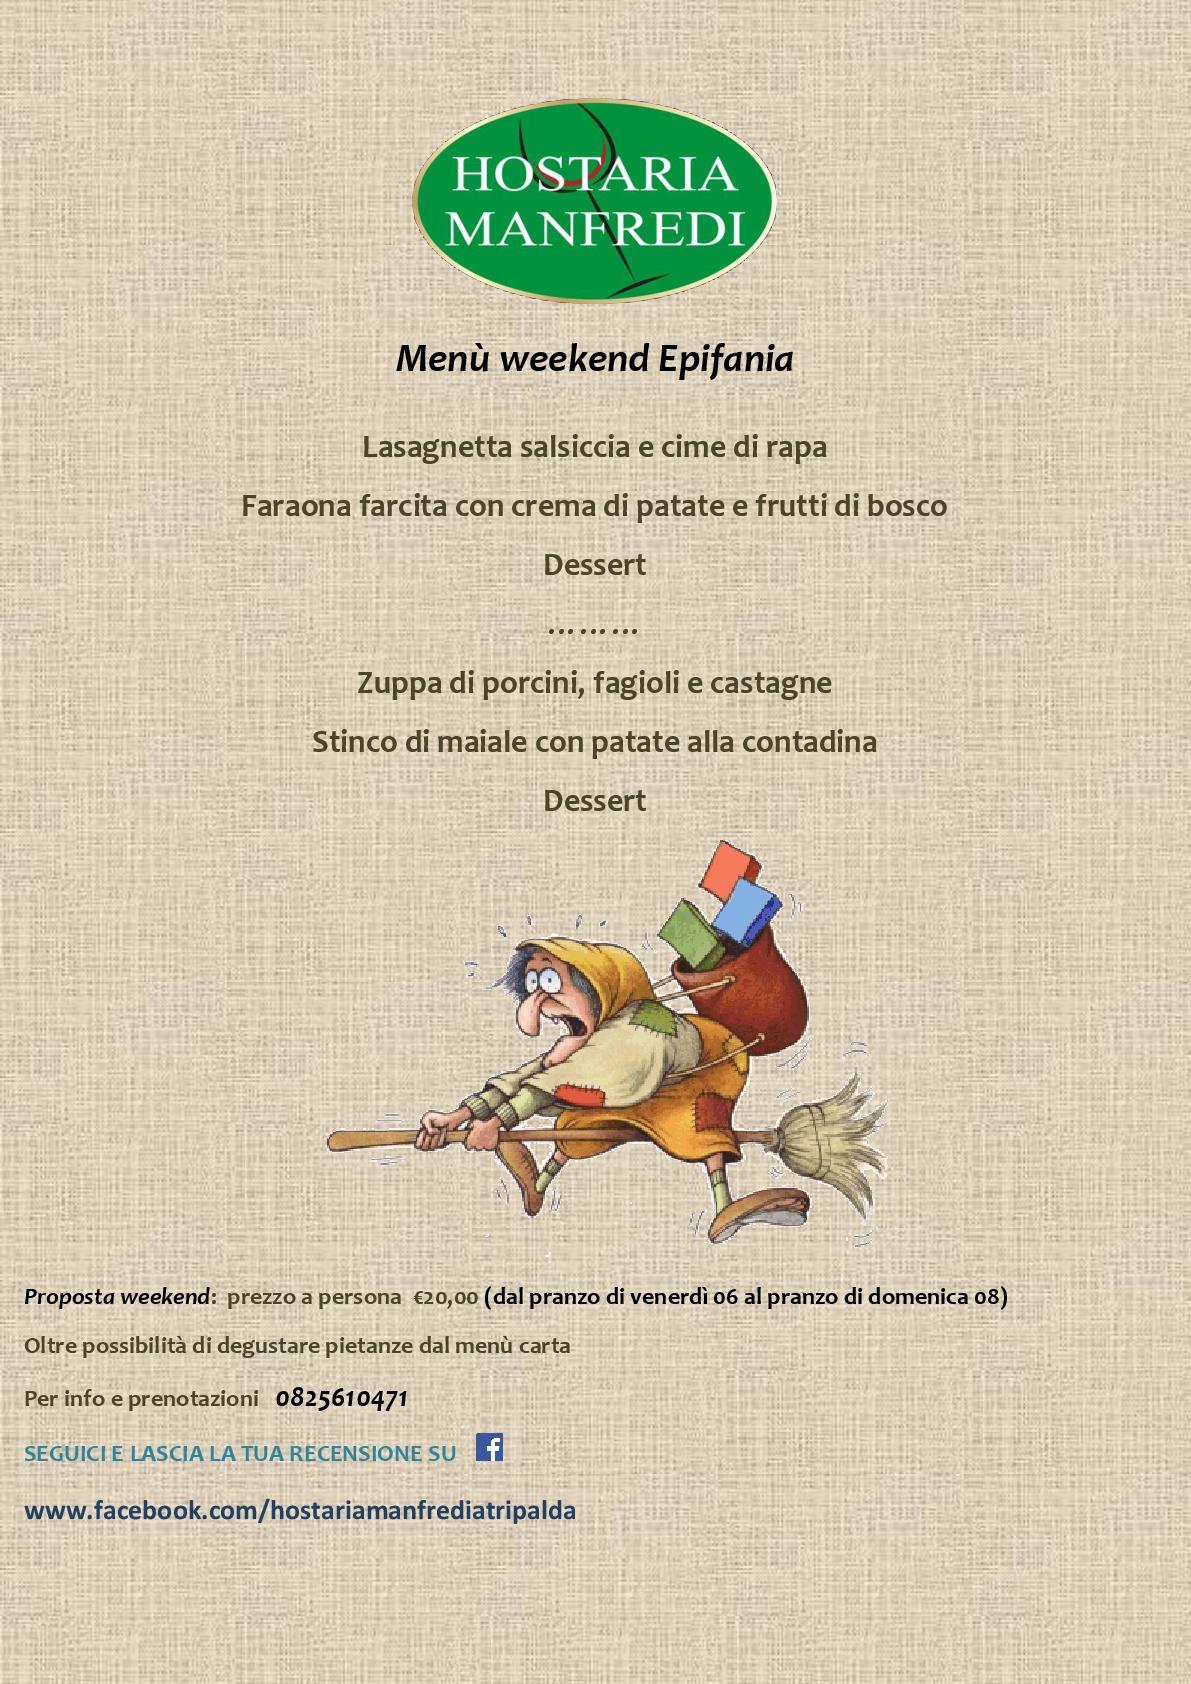 menu-befana-04-01-2017-001jpg